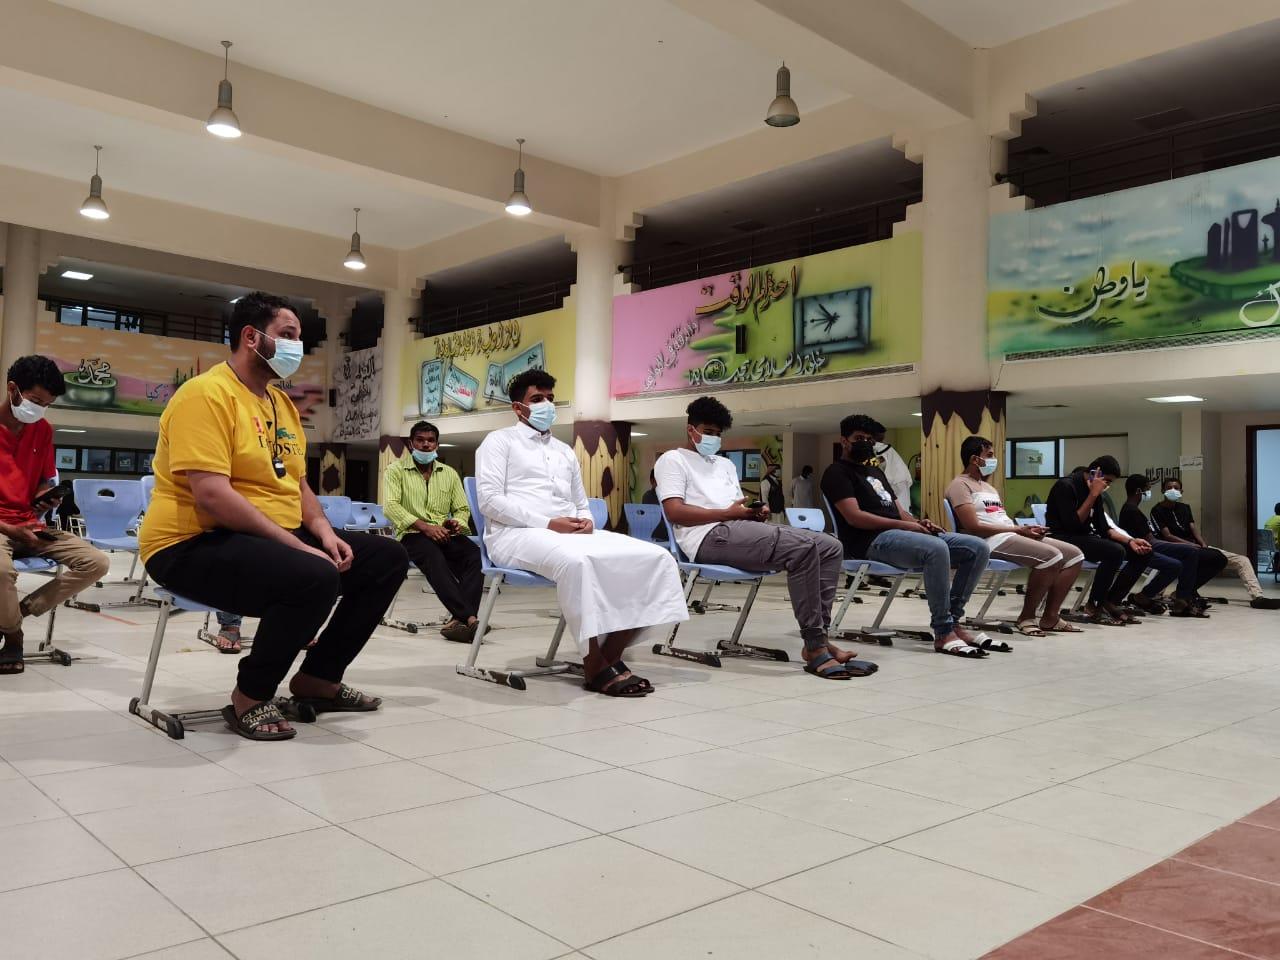 انطلاق مركز لقاح كورونا المدرسي في مكتب تعليم صامطة - المواطن